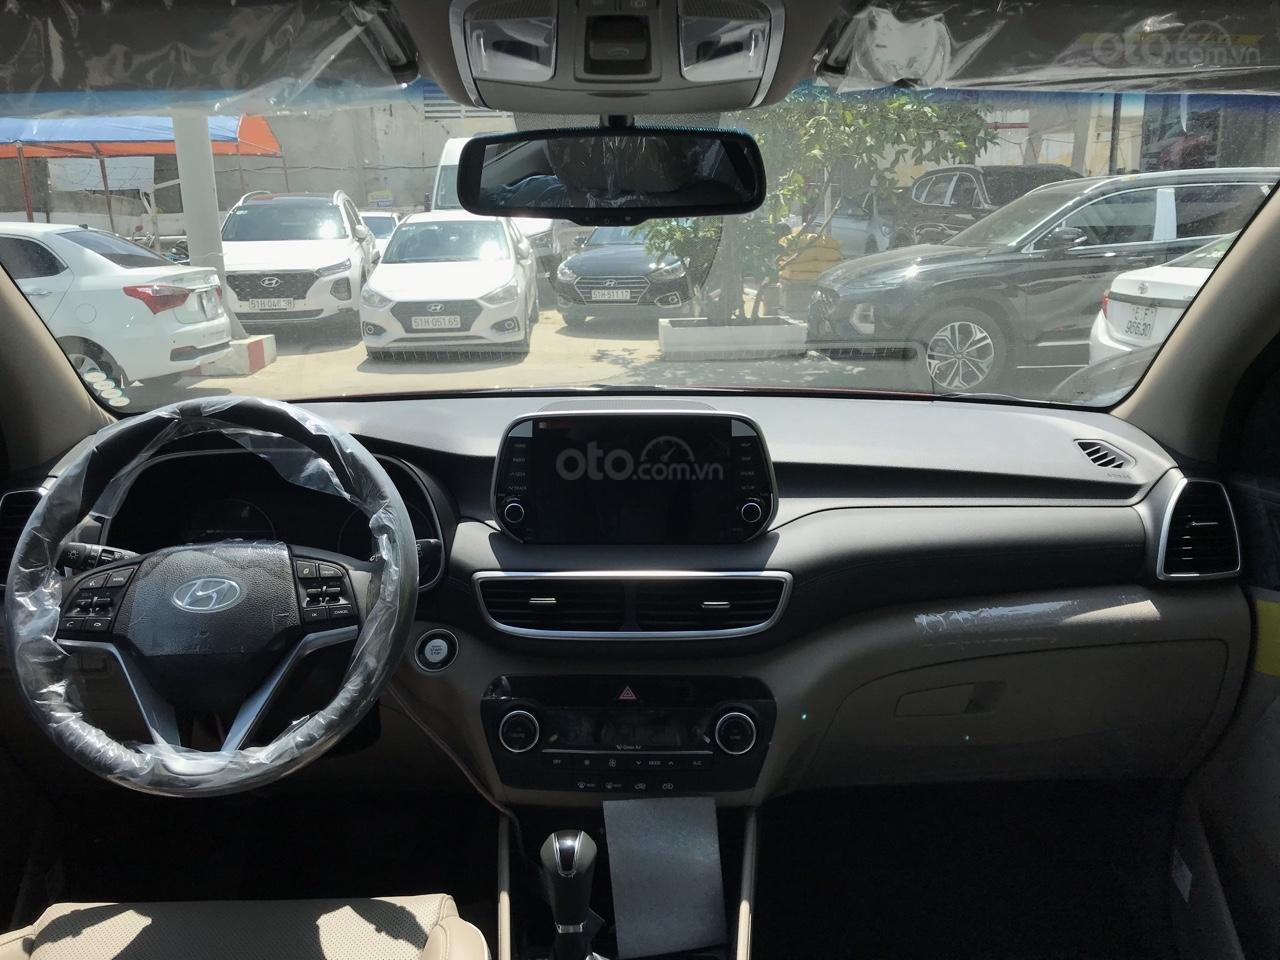 Bán Hyundai Tucson 2.0 full xăng 2019, màu đỏ, giao ngay, tặng bộ phụ kiện cao cấp. LH: 0977 139 312 (3)